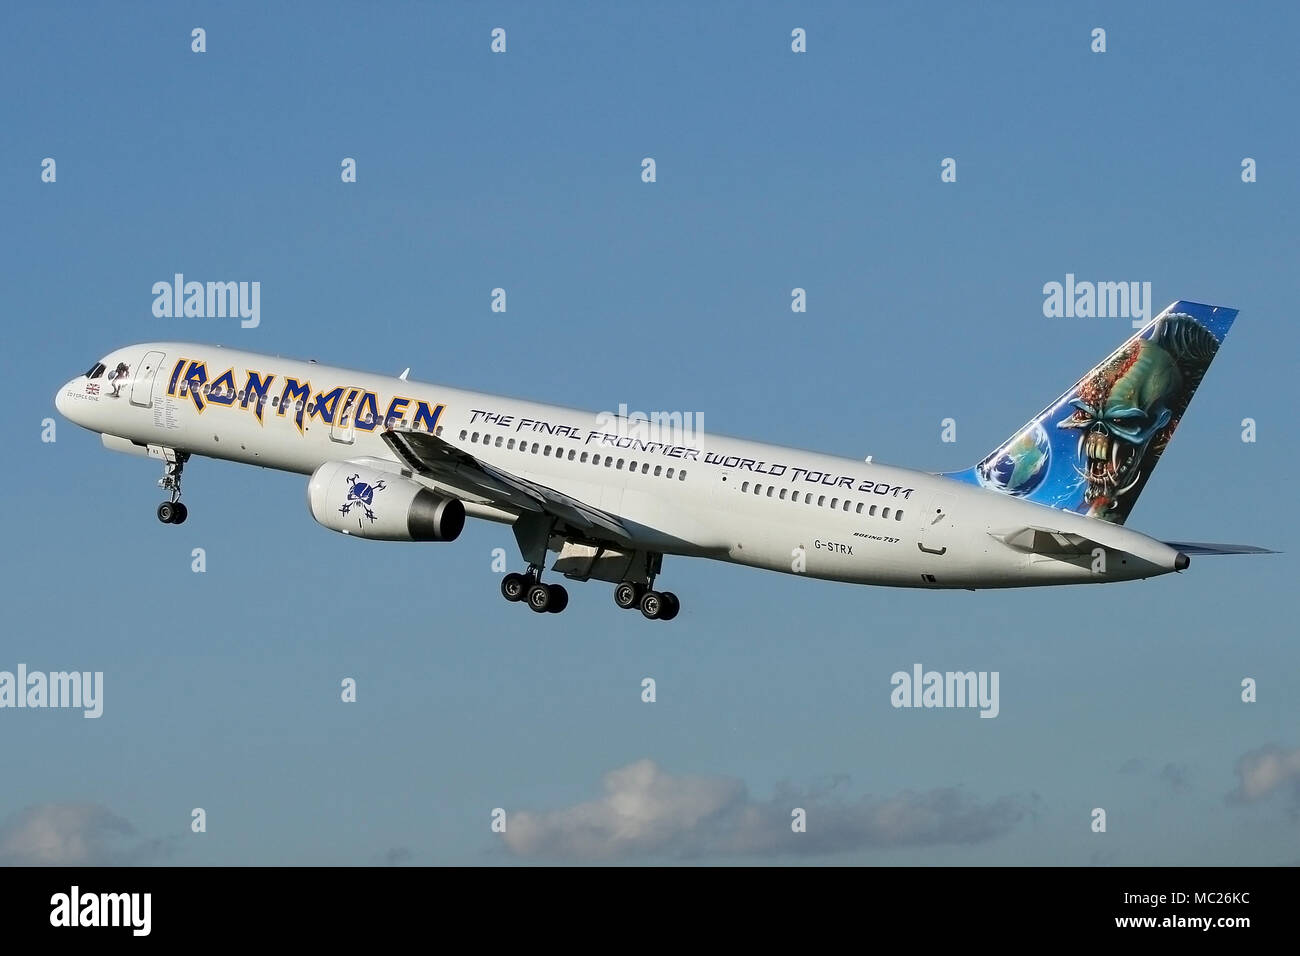 iron maiden tour plane stock photos & iron maiden tour plane stock